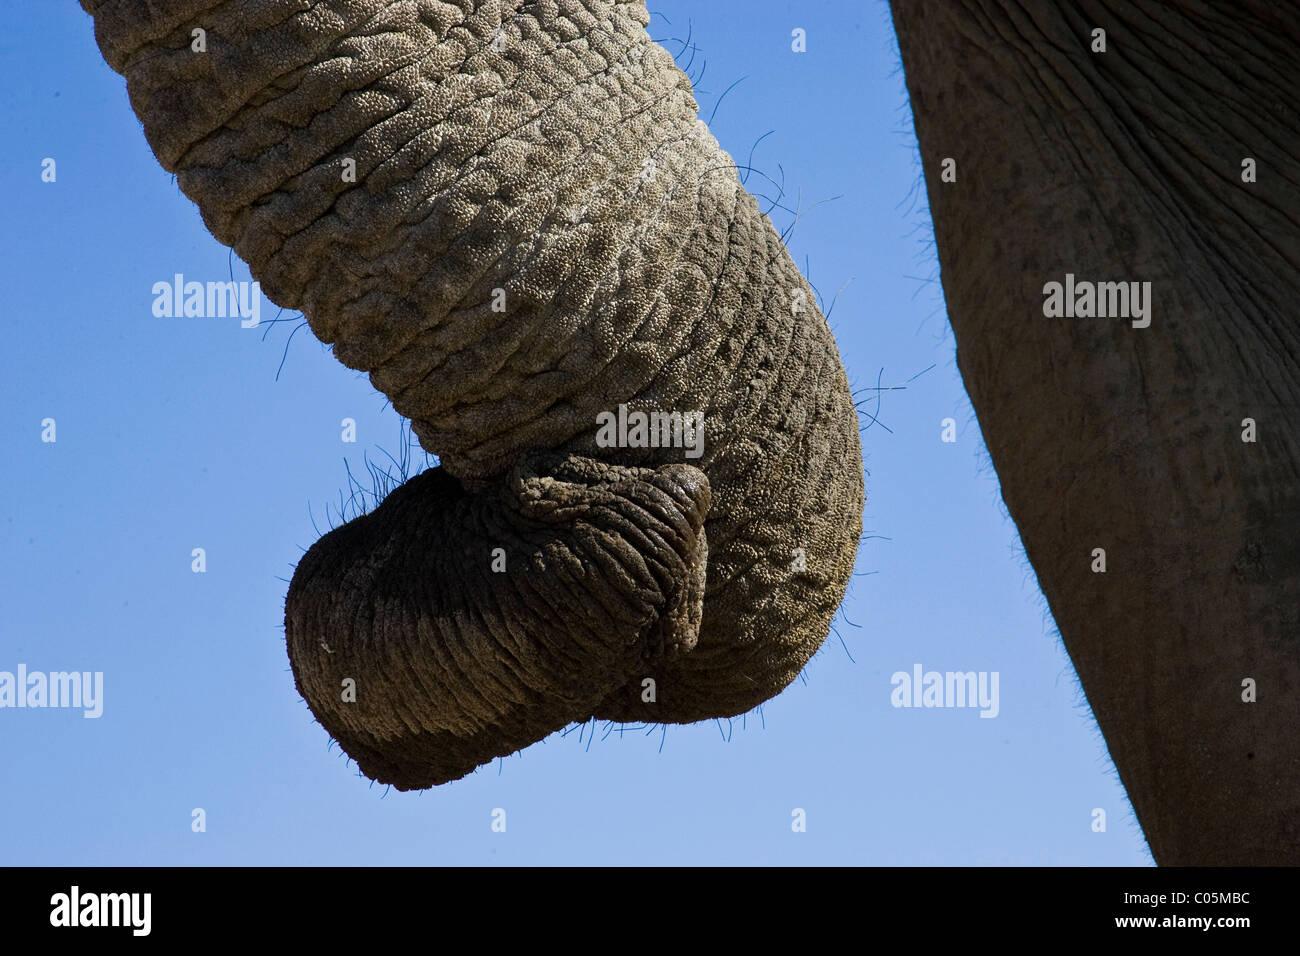 Elephant Trunk, Etosha National Park, Namibia - Stock Image